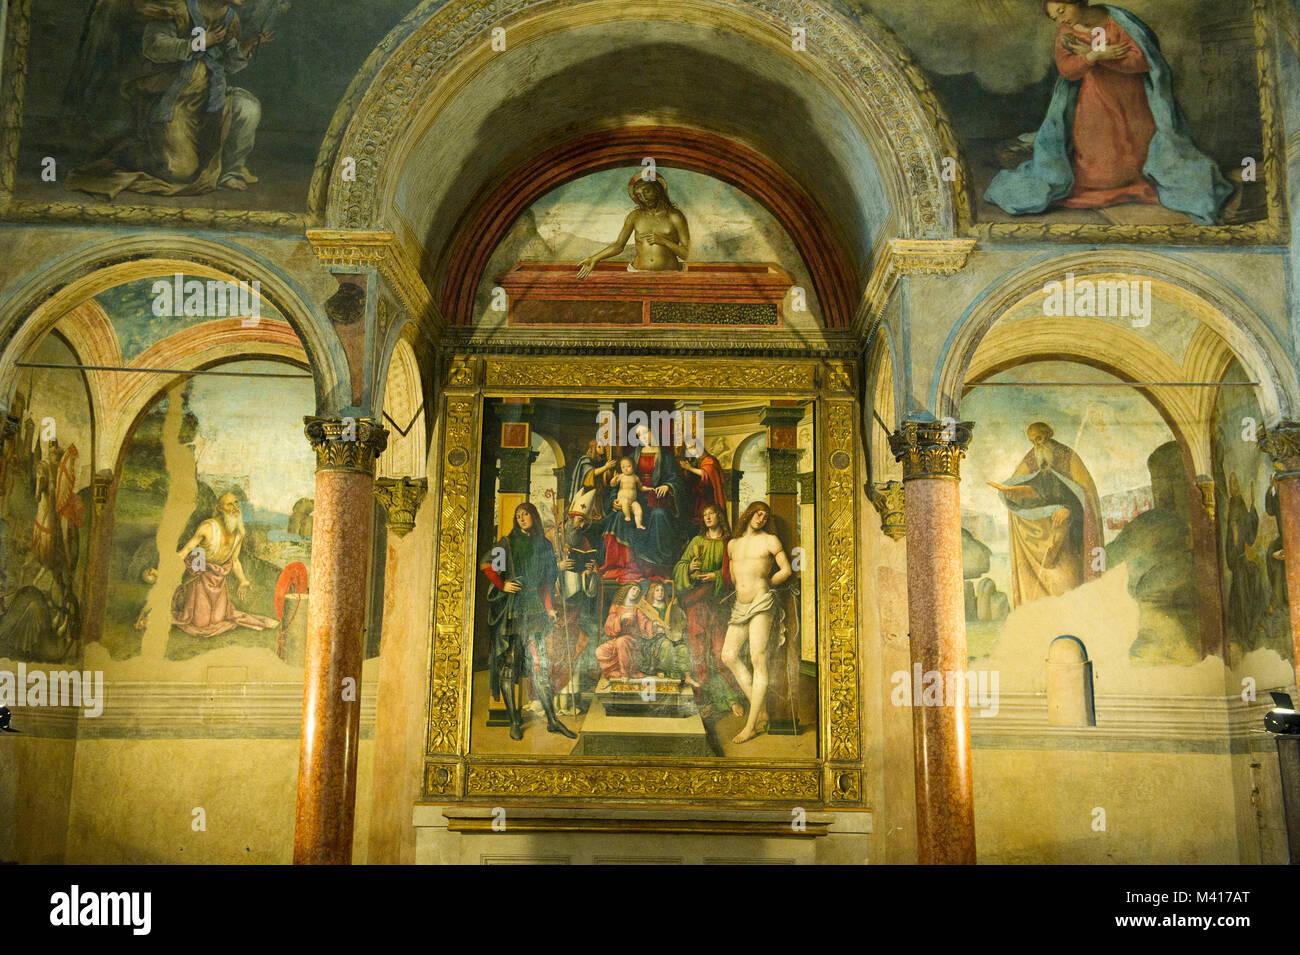 Italy, Emilia Romagna, Bologna, The Basilica of San Giacomo Maggiore. In the church there is the chapel Bentivoglio, - Stock Image